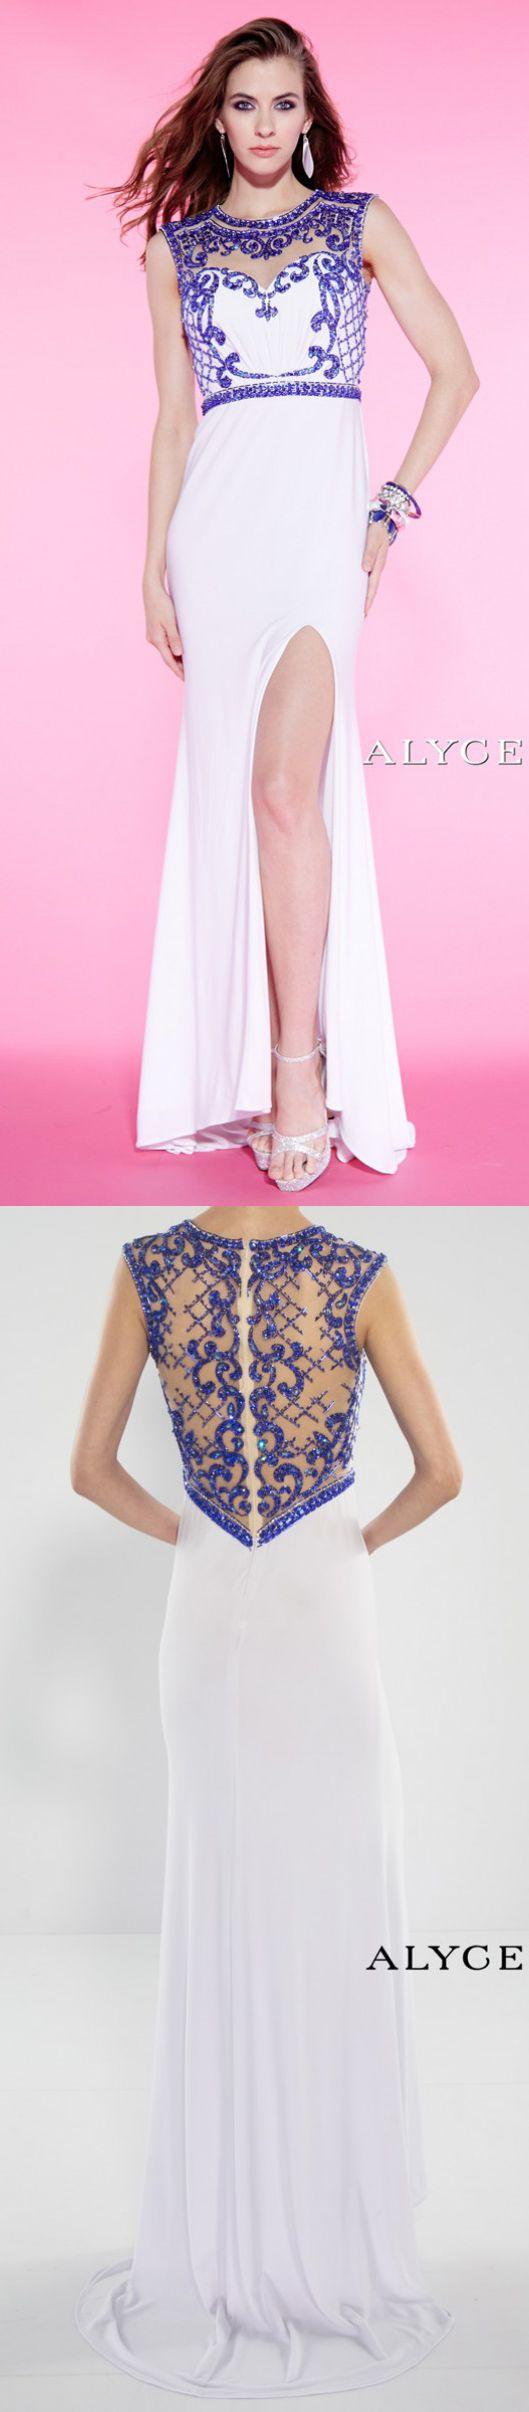 Fantástico Vestidos De Diosa Griega Del Prom Molde - Colección de ...